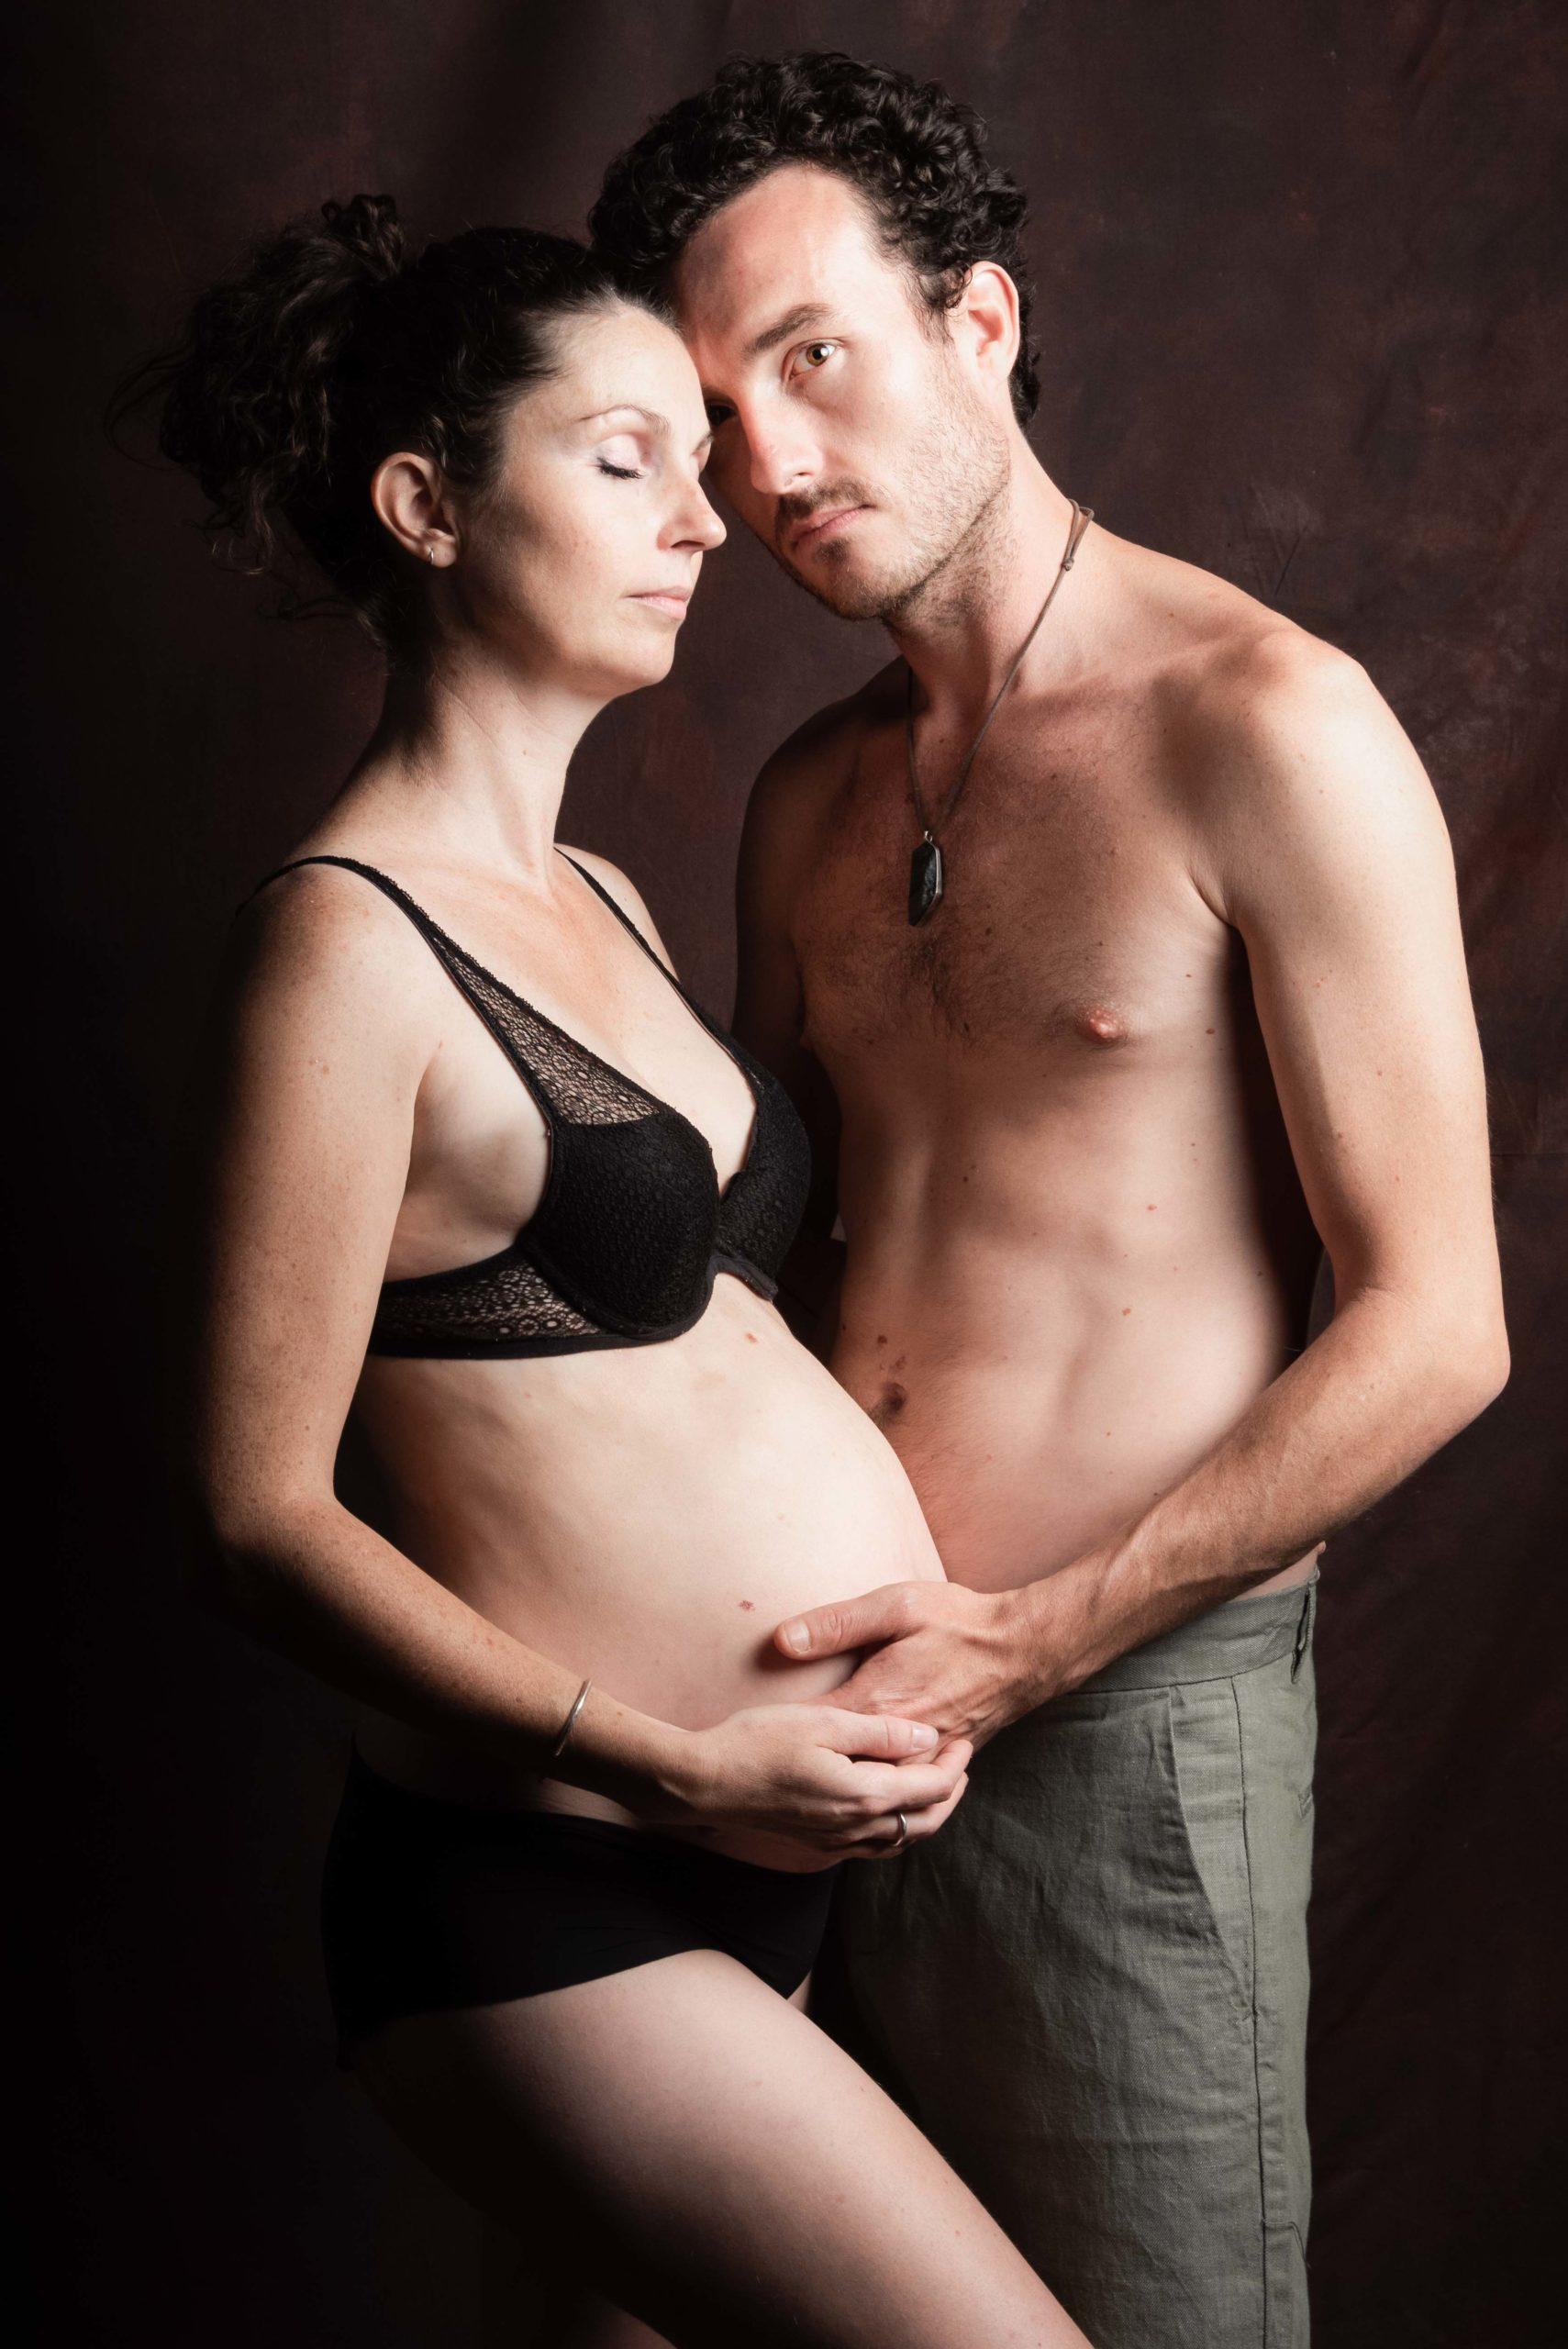 le couple se connecte, seul l'homme me regarde et pose sa main sur le ventre de sa femme enceinte